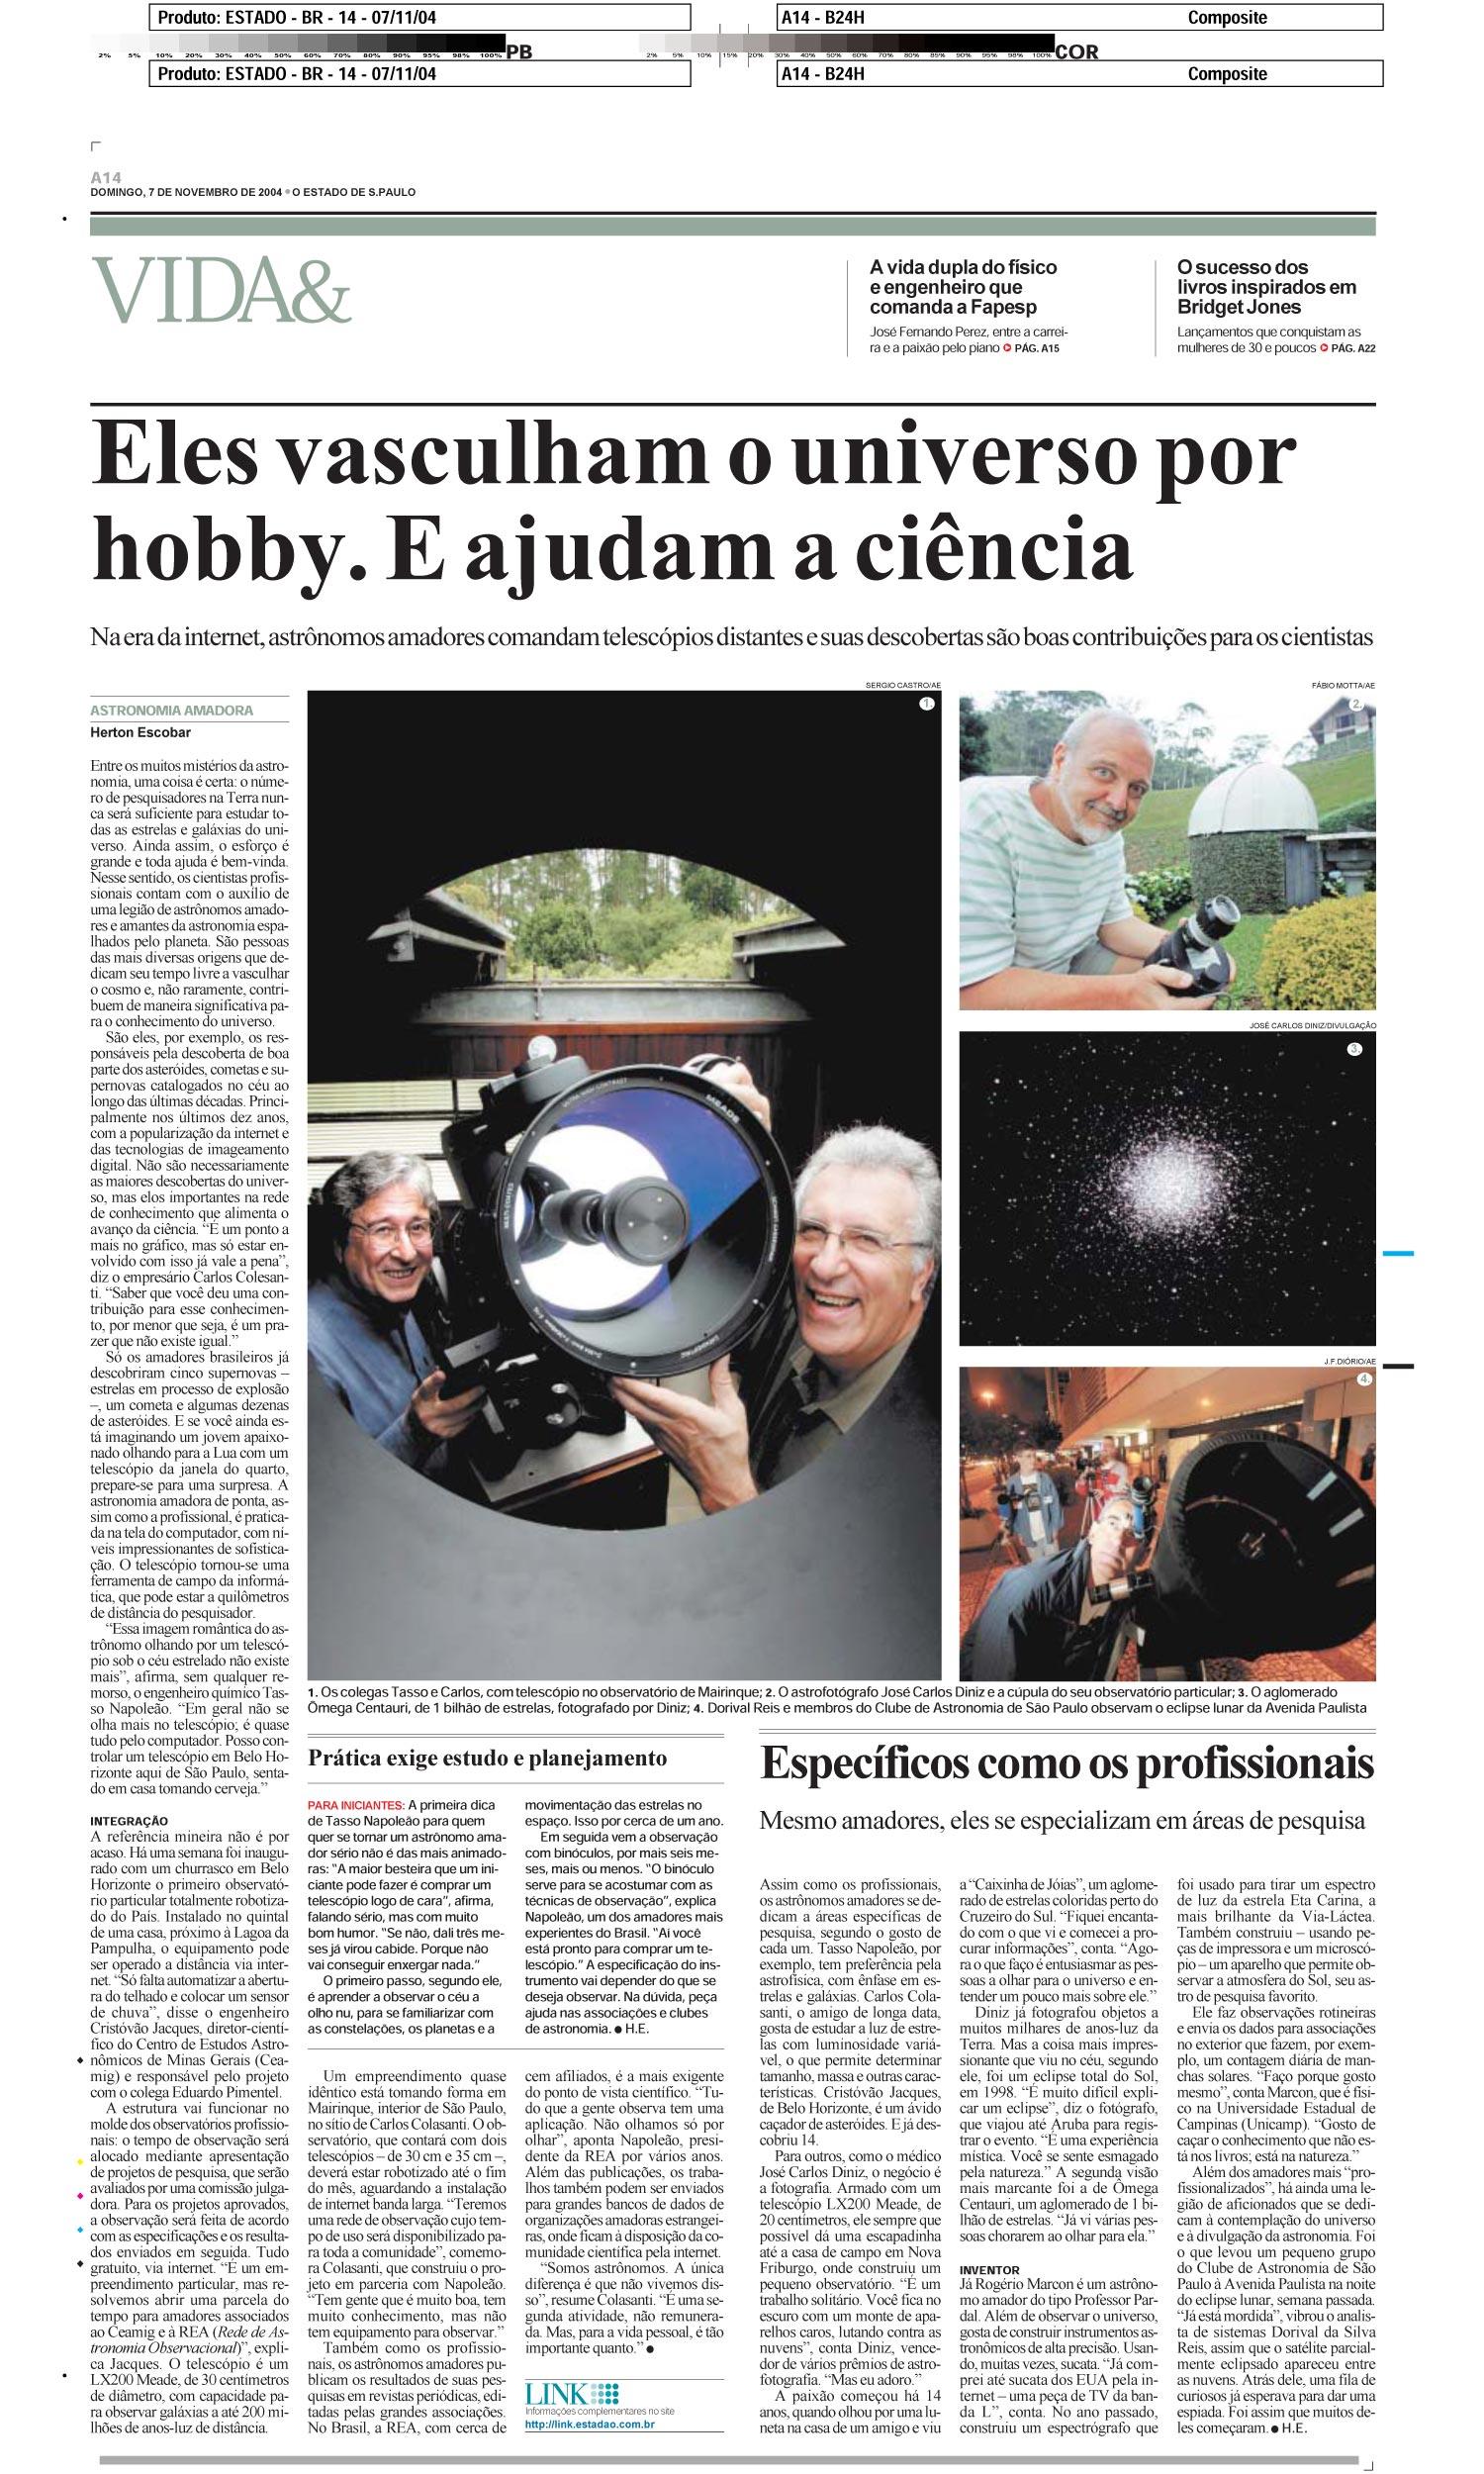 Eles vasculham o universo por hobby. E ajudam a ciência